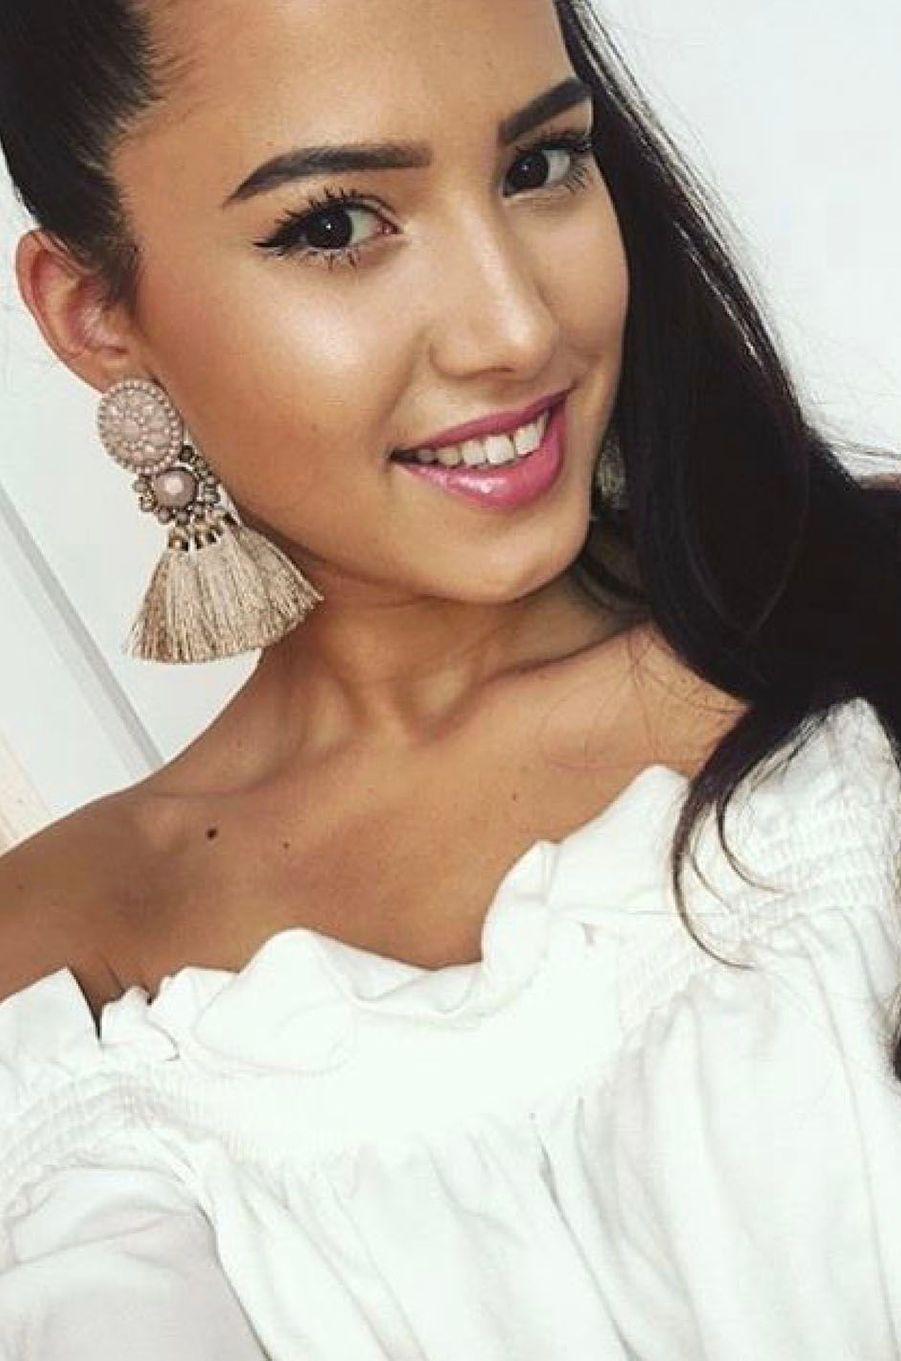 Mathilde Klinguer, Miss Franche-Comté 2017.